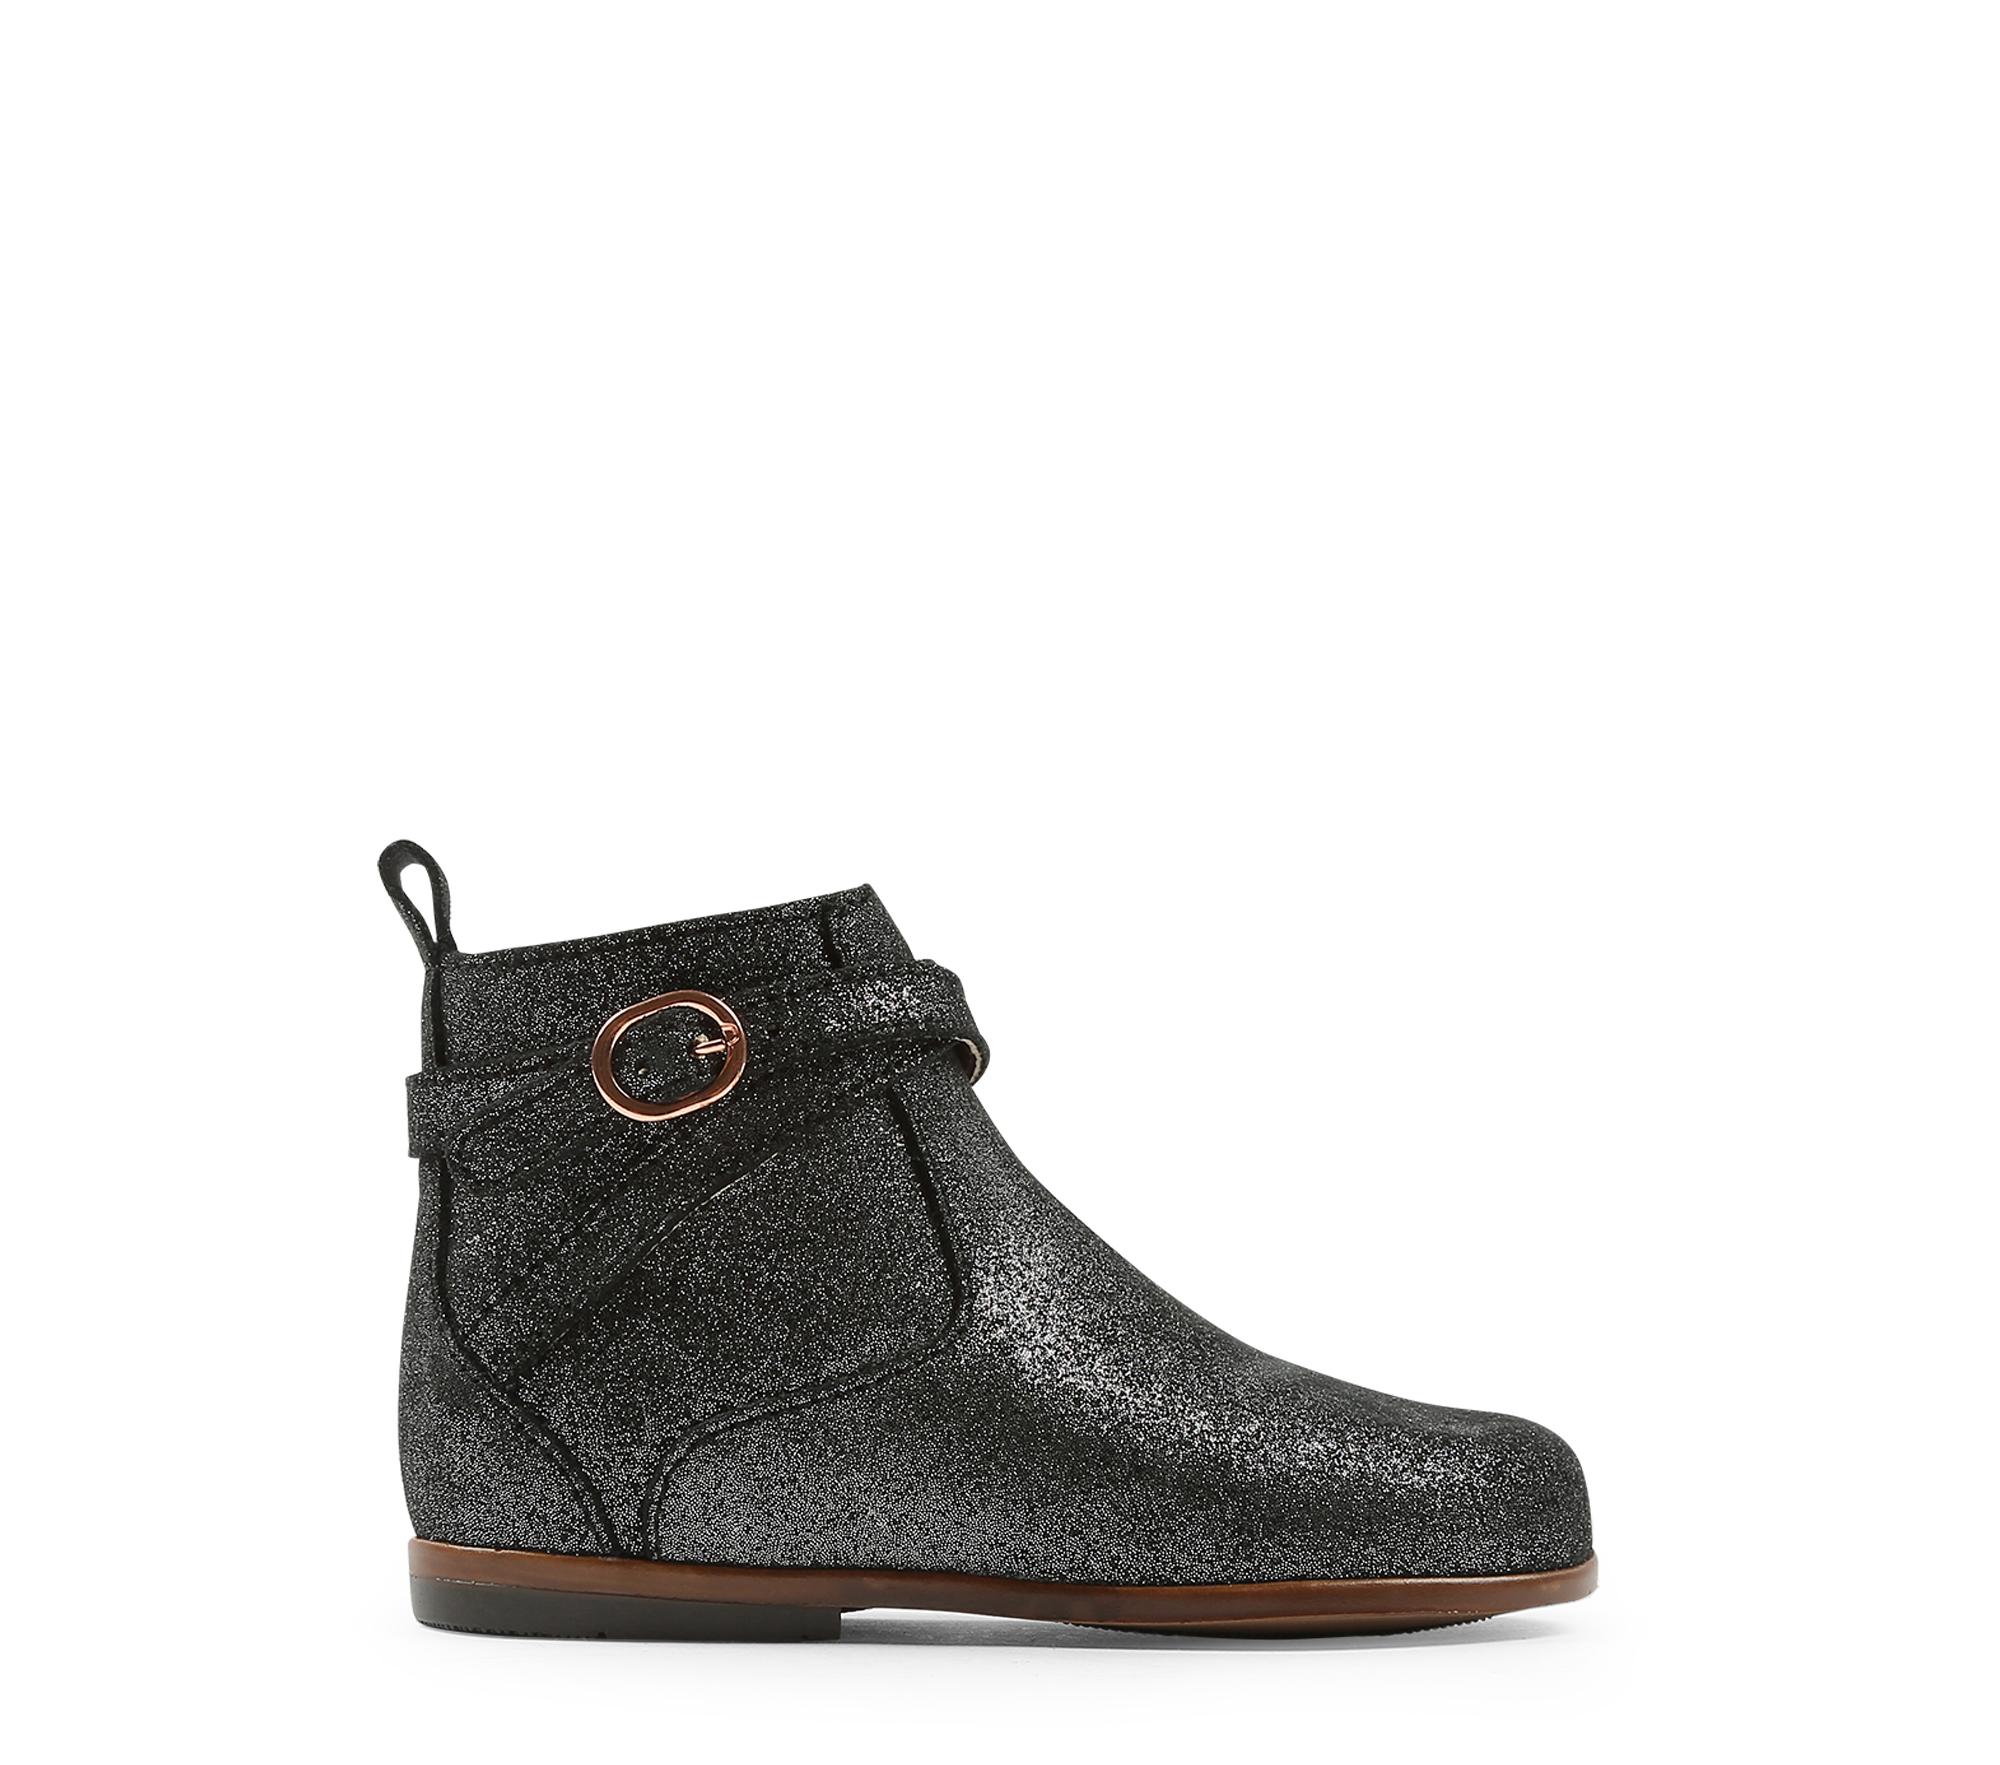 Mec boots - Baby